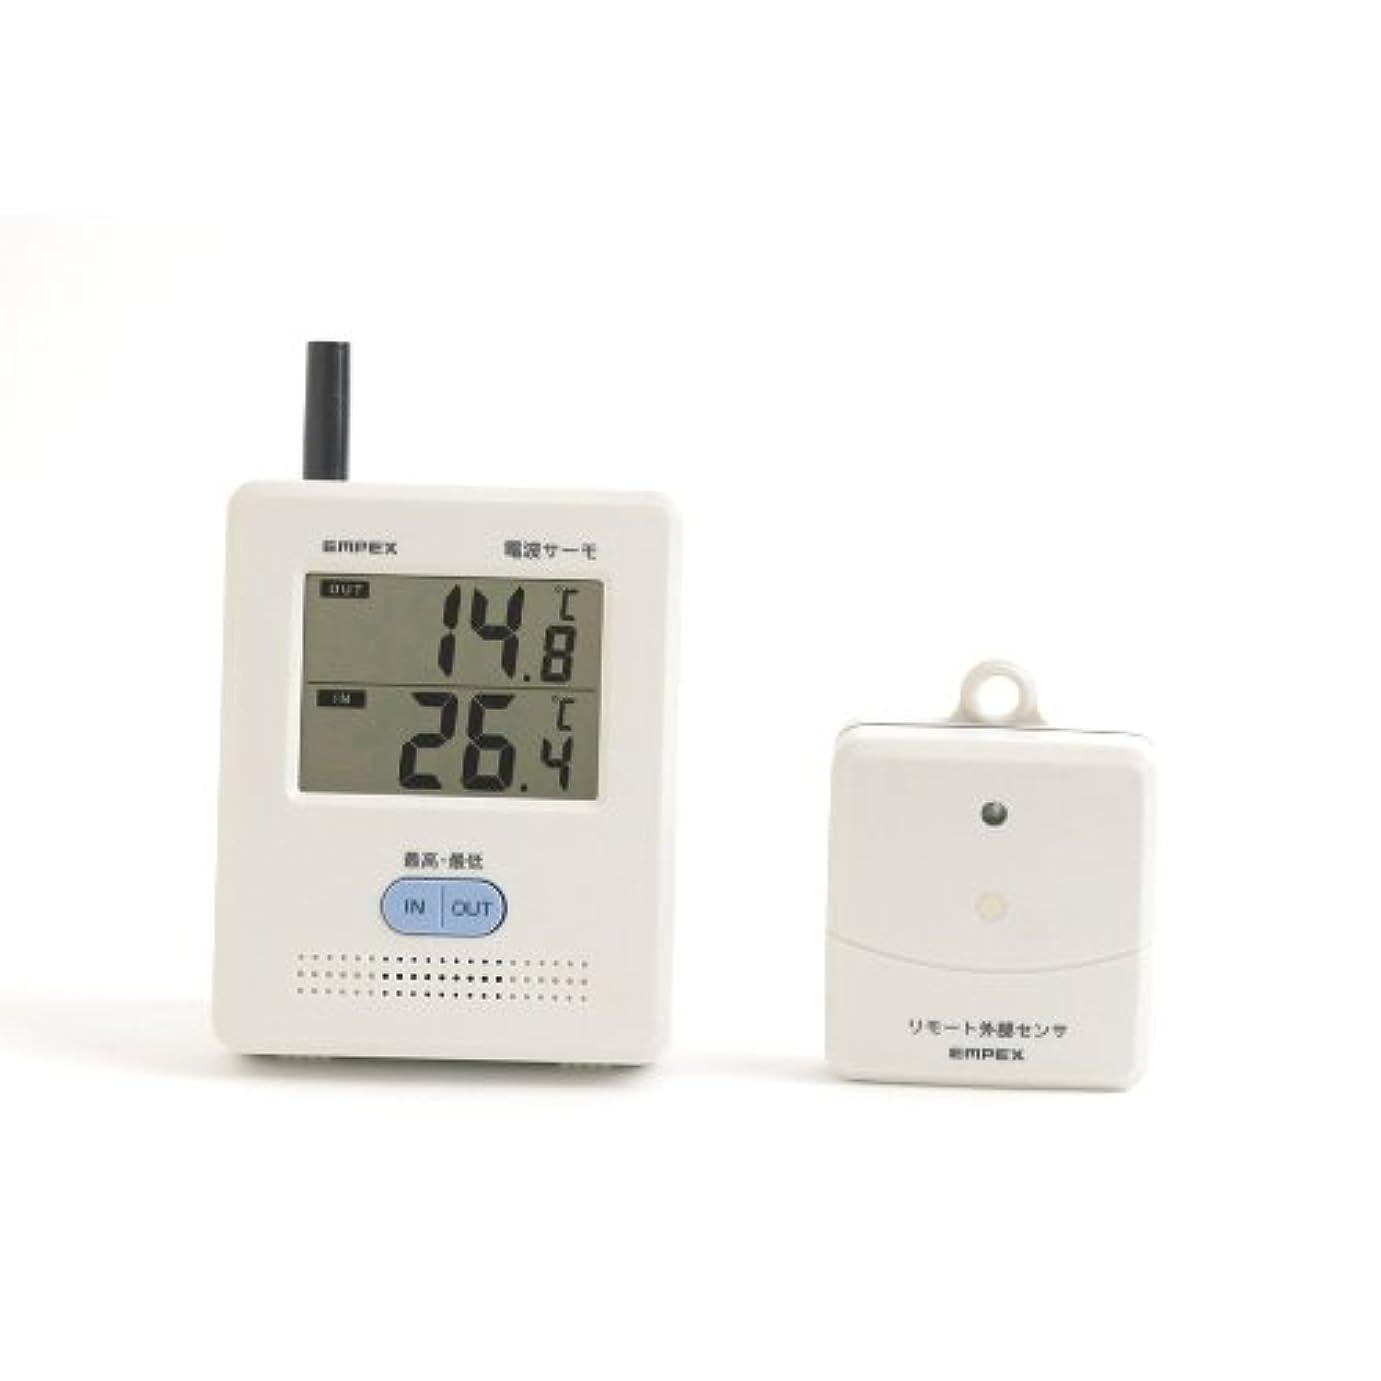 製造巨人同盟EMPEX(エンペックス) 電波サーモ 2ヶ所温度表示 ホワイト TD-8202